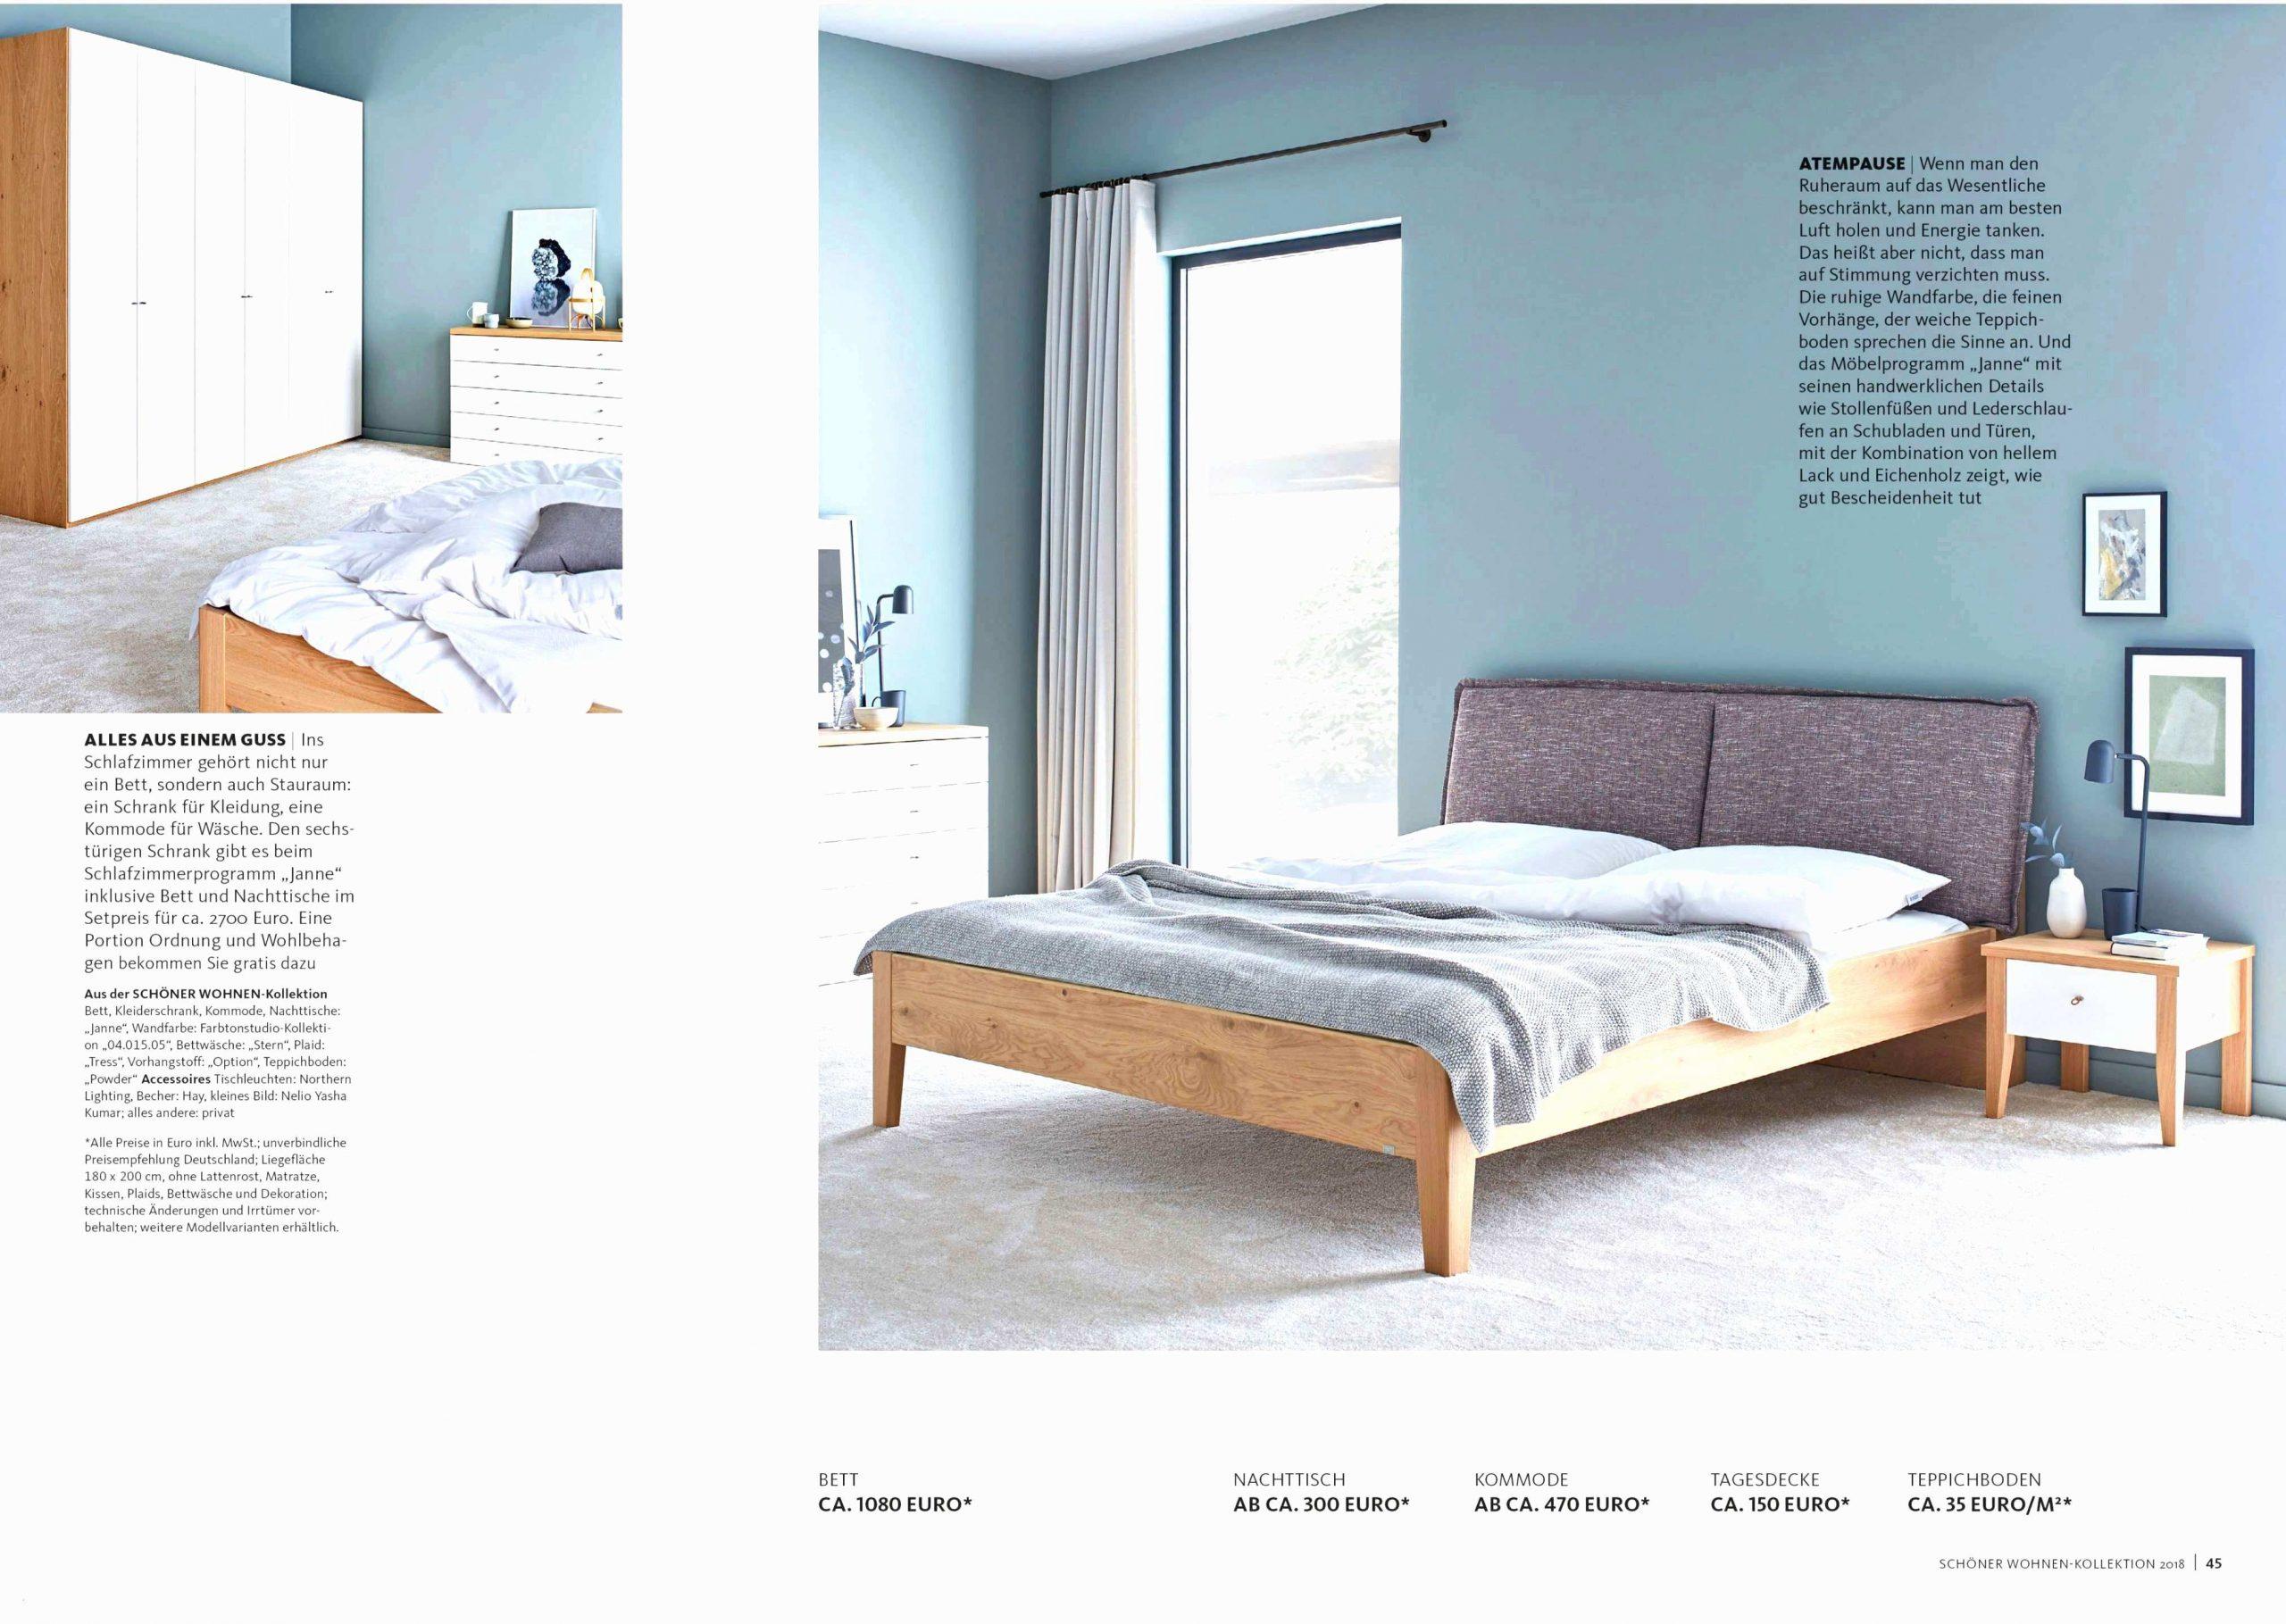 Full Size of Schlafzimmer Komplett Massivholz Tapeten Landhaus Luxus 40 Einzigartig Günstig Bett 180x200 Mit Lattenrost Und Matratze Led Deckenleuchte Lampen Weißes Schlafzimmer Schlafzimmer Komplett Massivholz